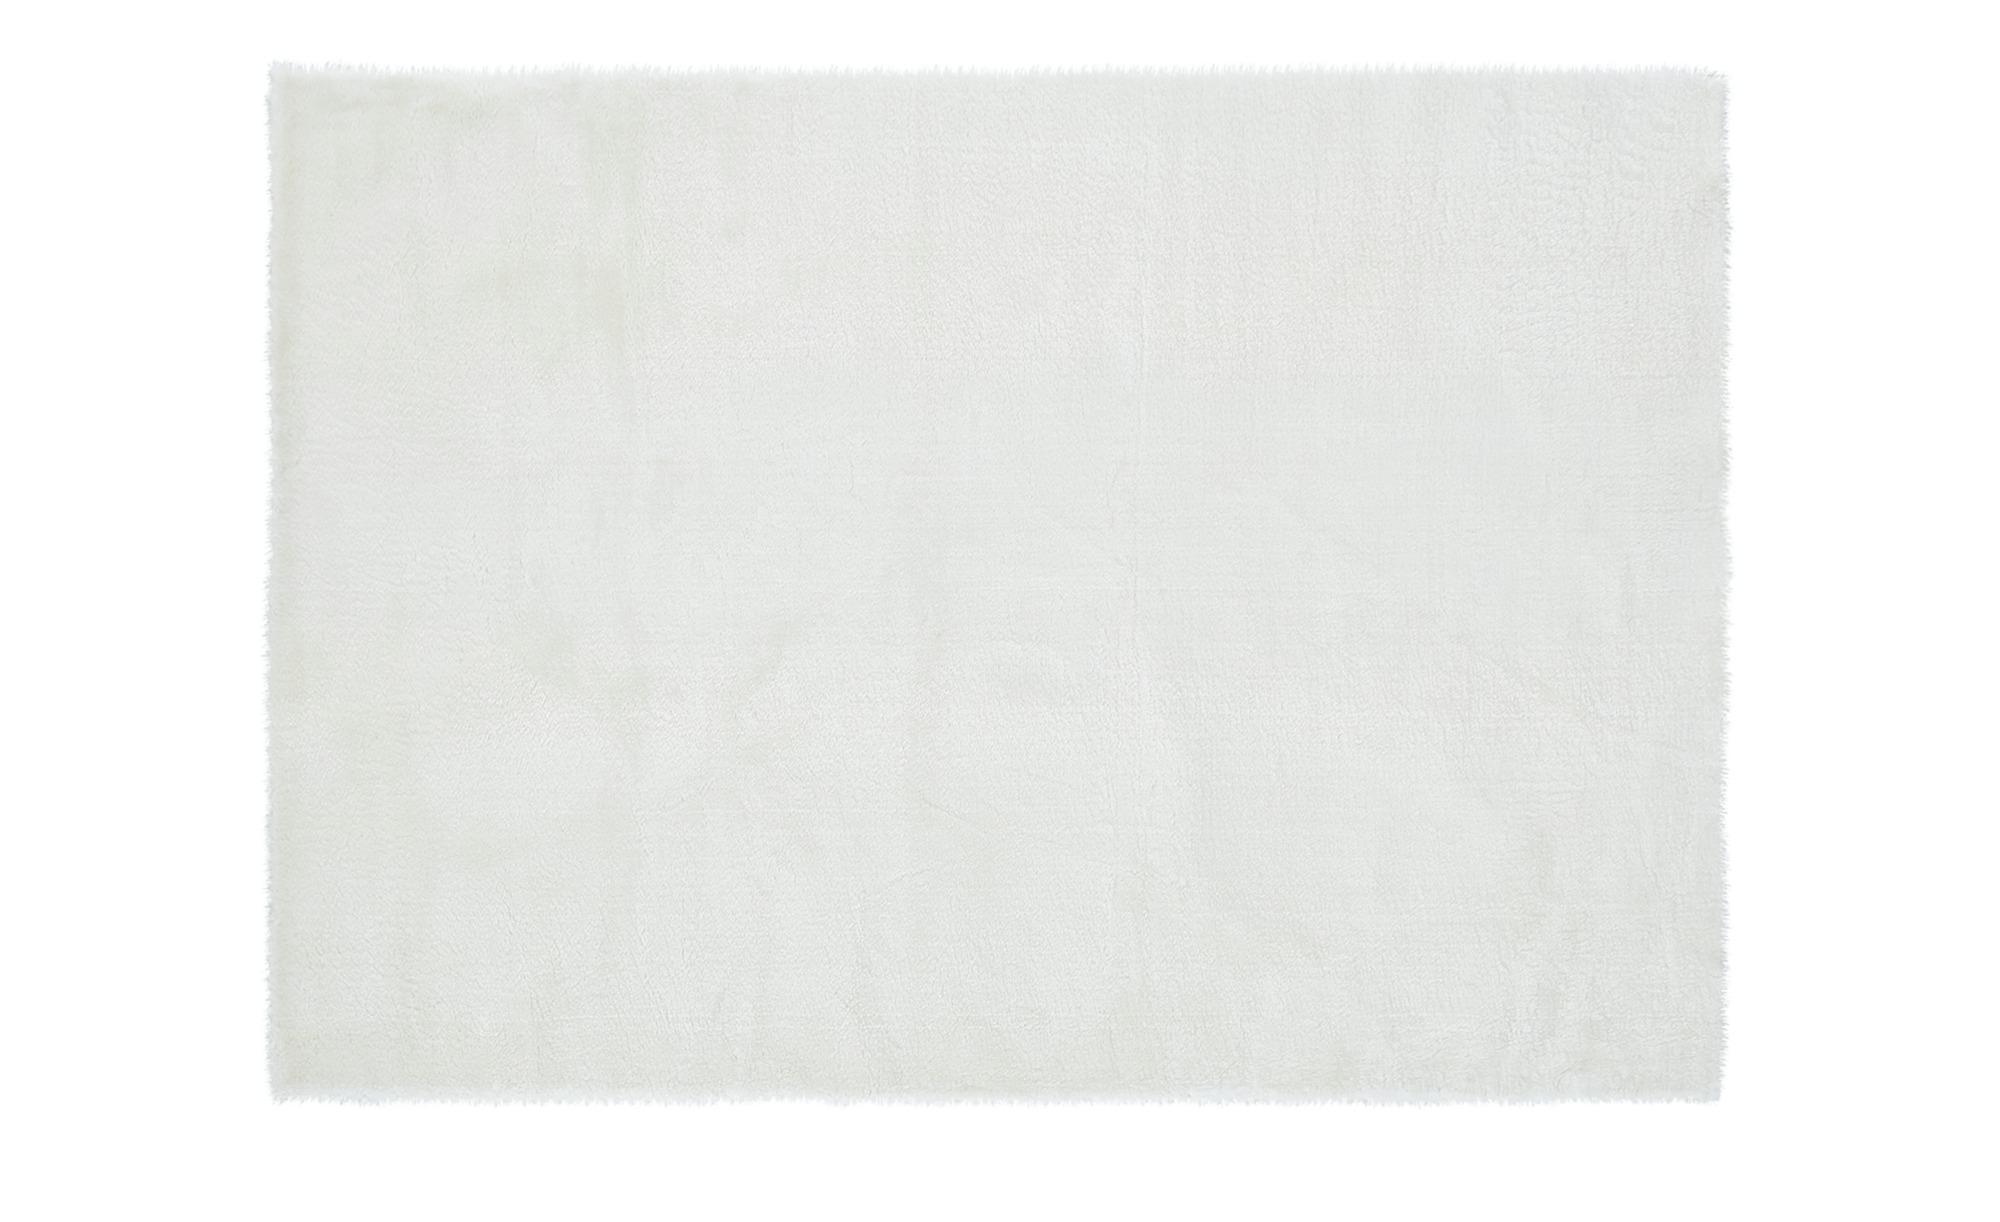 Kinderteppich  Lämmchen ¦ creme ¦ 100% Polyetser , Suede Rücken  ¦ Maße (cm): B: 120 Teppiche > Kinderteppiche - Höffner